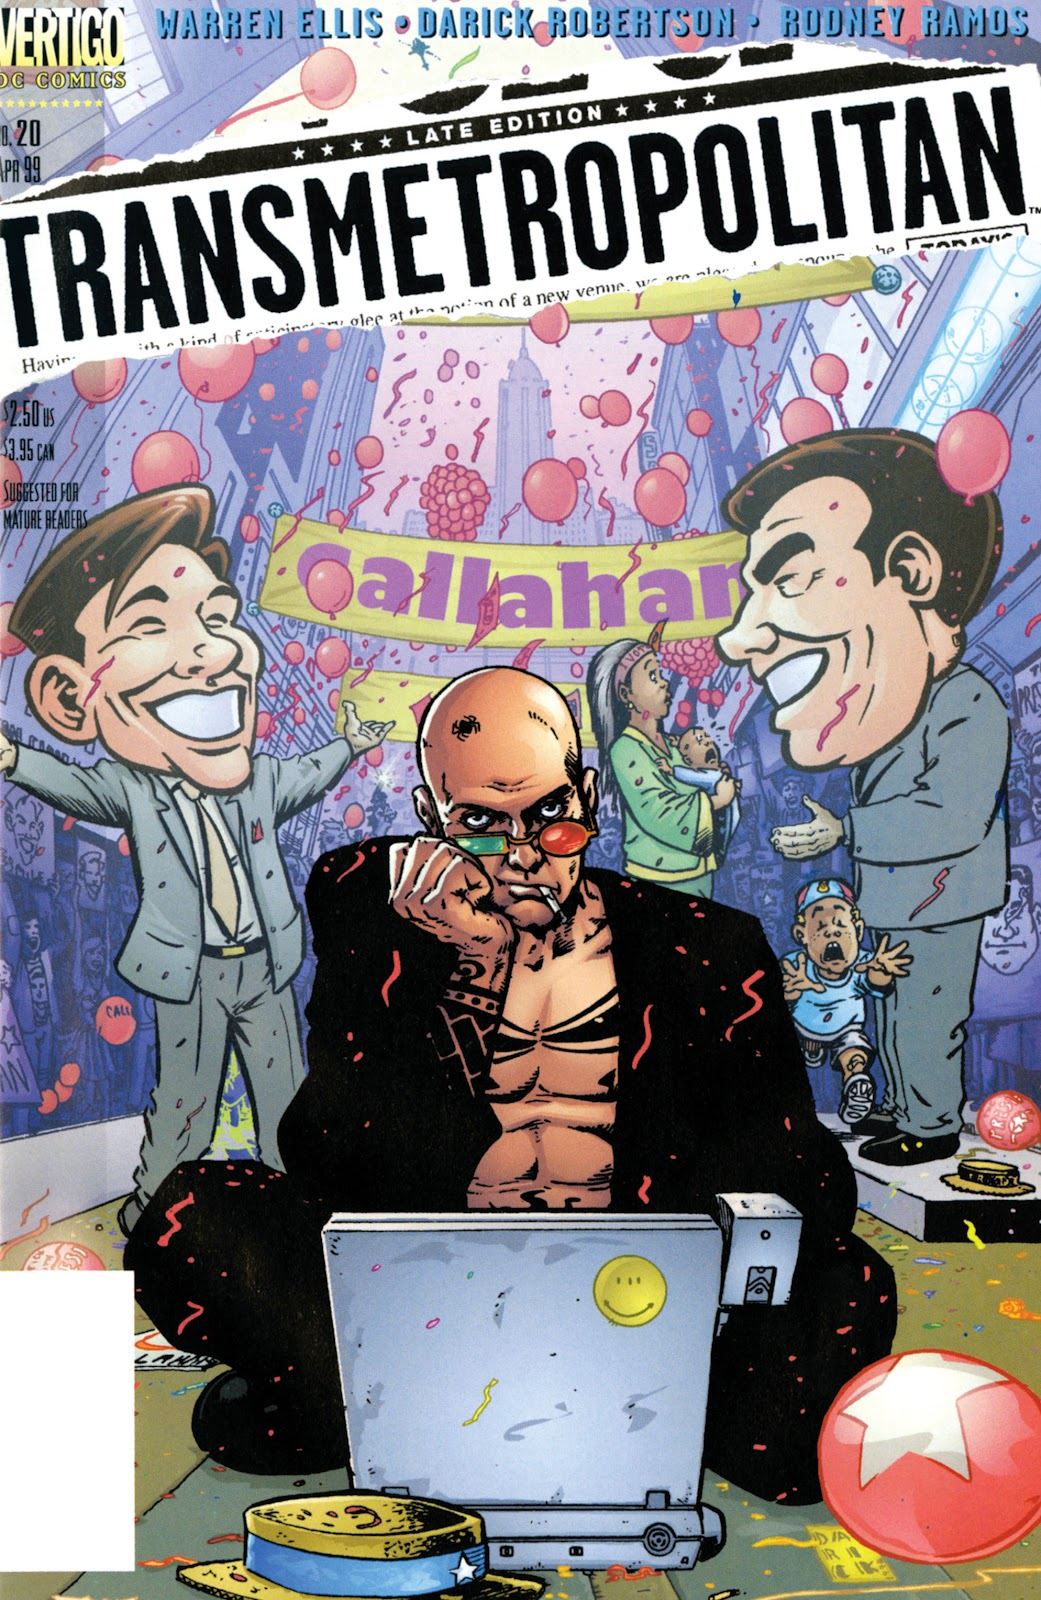 Transmetropolitan 20 Page 1